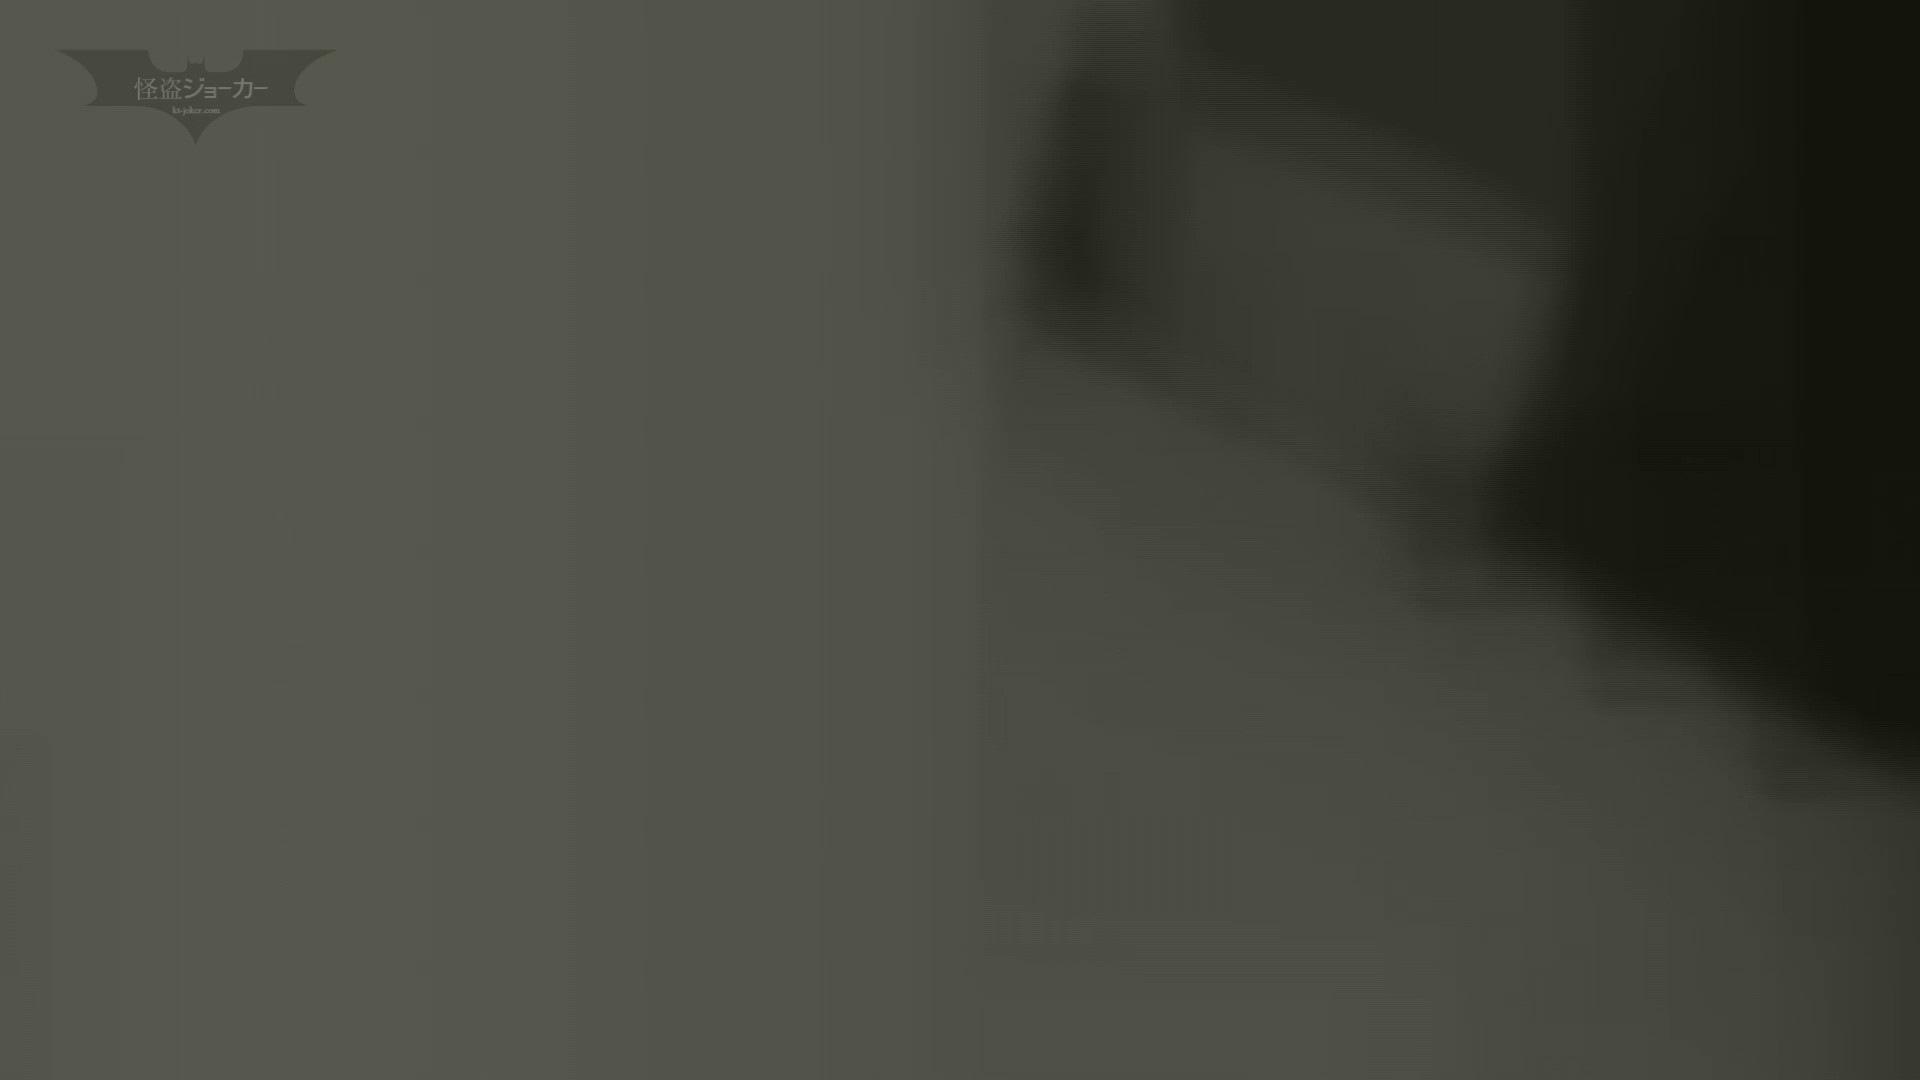 下からノゾム vol.030 びしょびしょの連続、お尻半分濡れるほど、 OLの実態  43pic 34